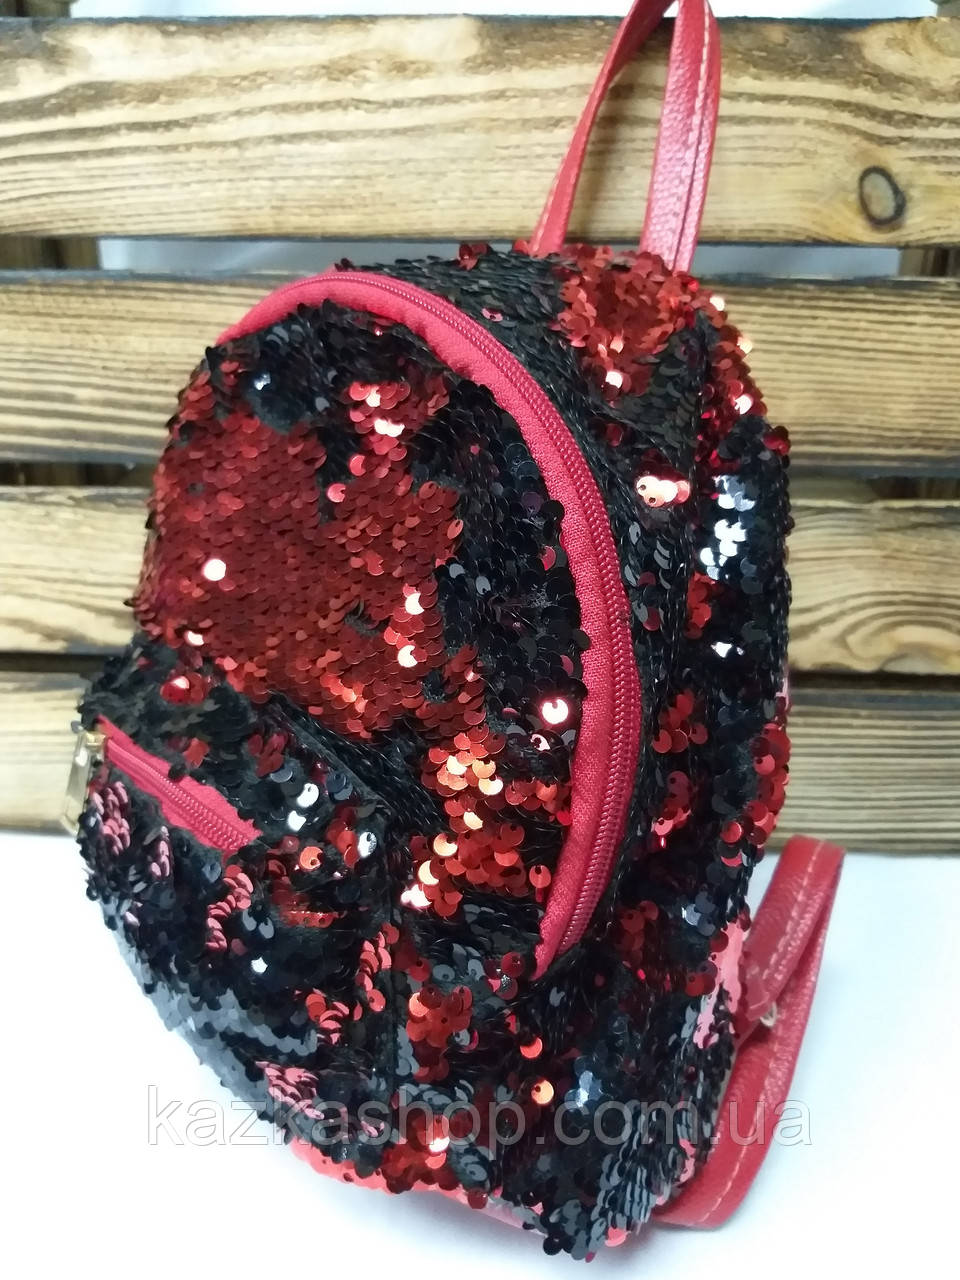 Маленький рюкзак с красными паетками и небольшими ушками